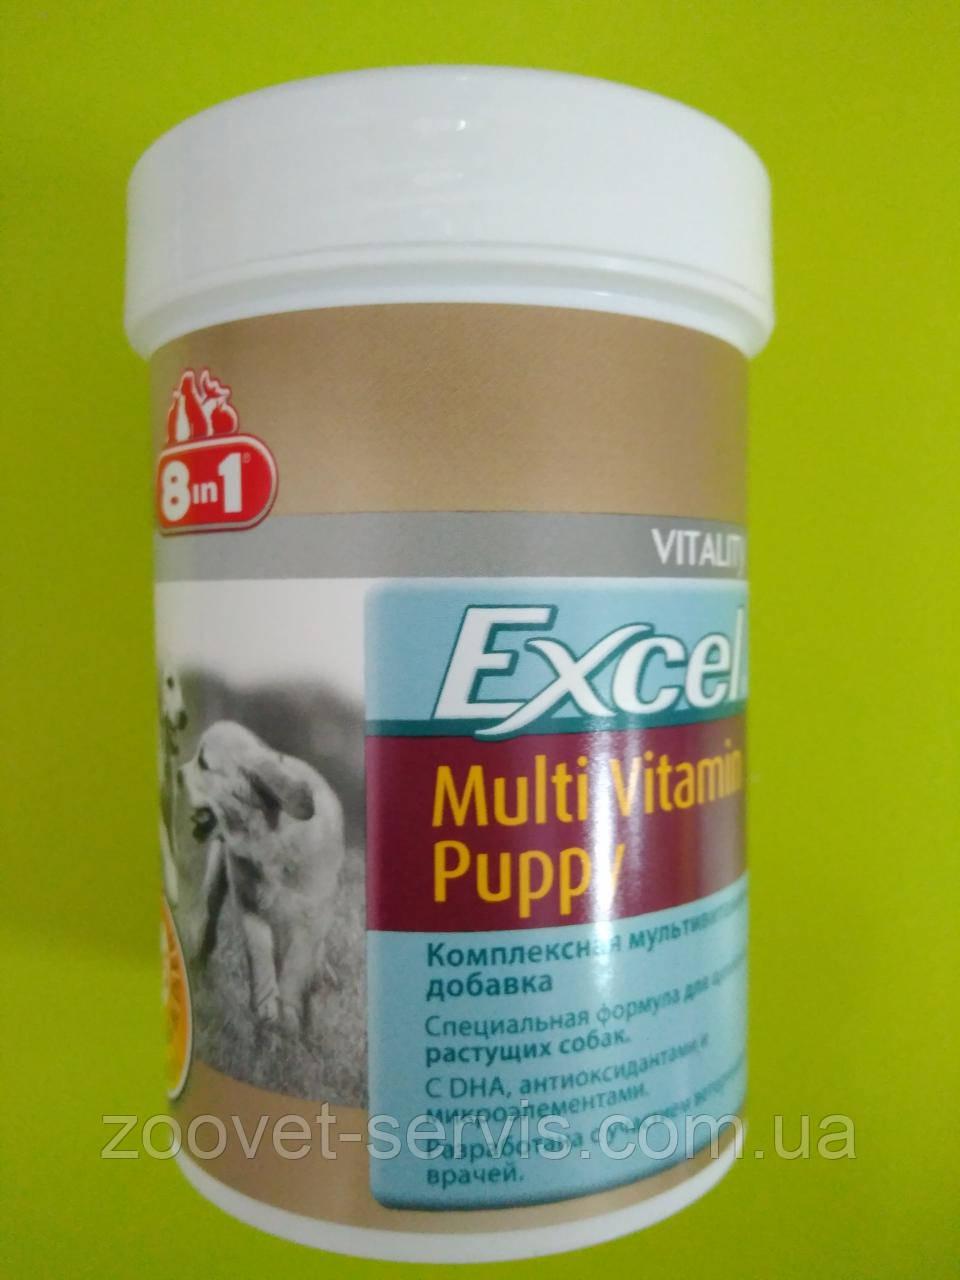 Мультивитамины для щенков8 в 1 Эксель Muiti Vitamin Puppy 100 табл